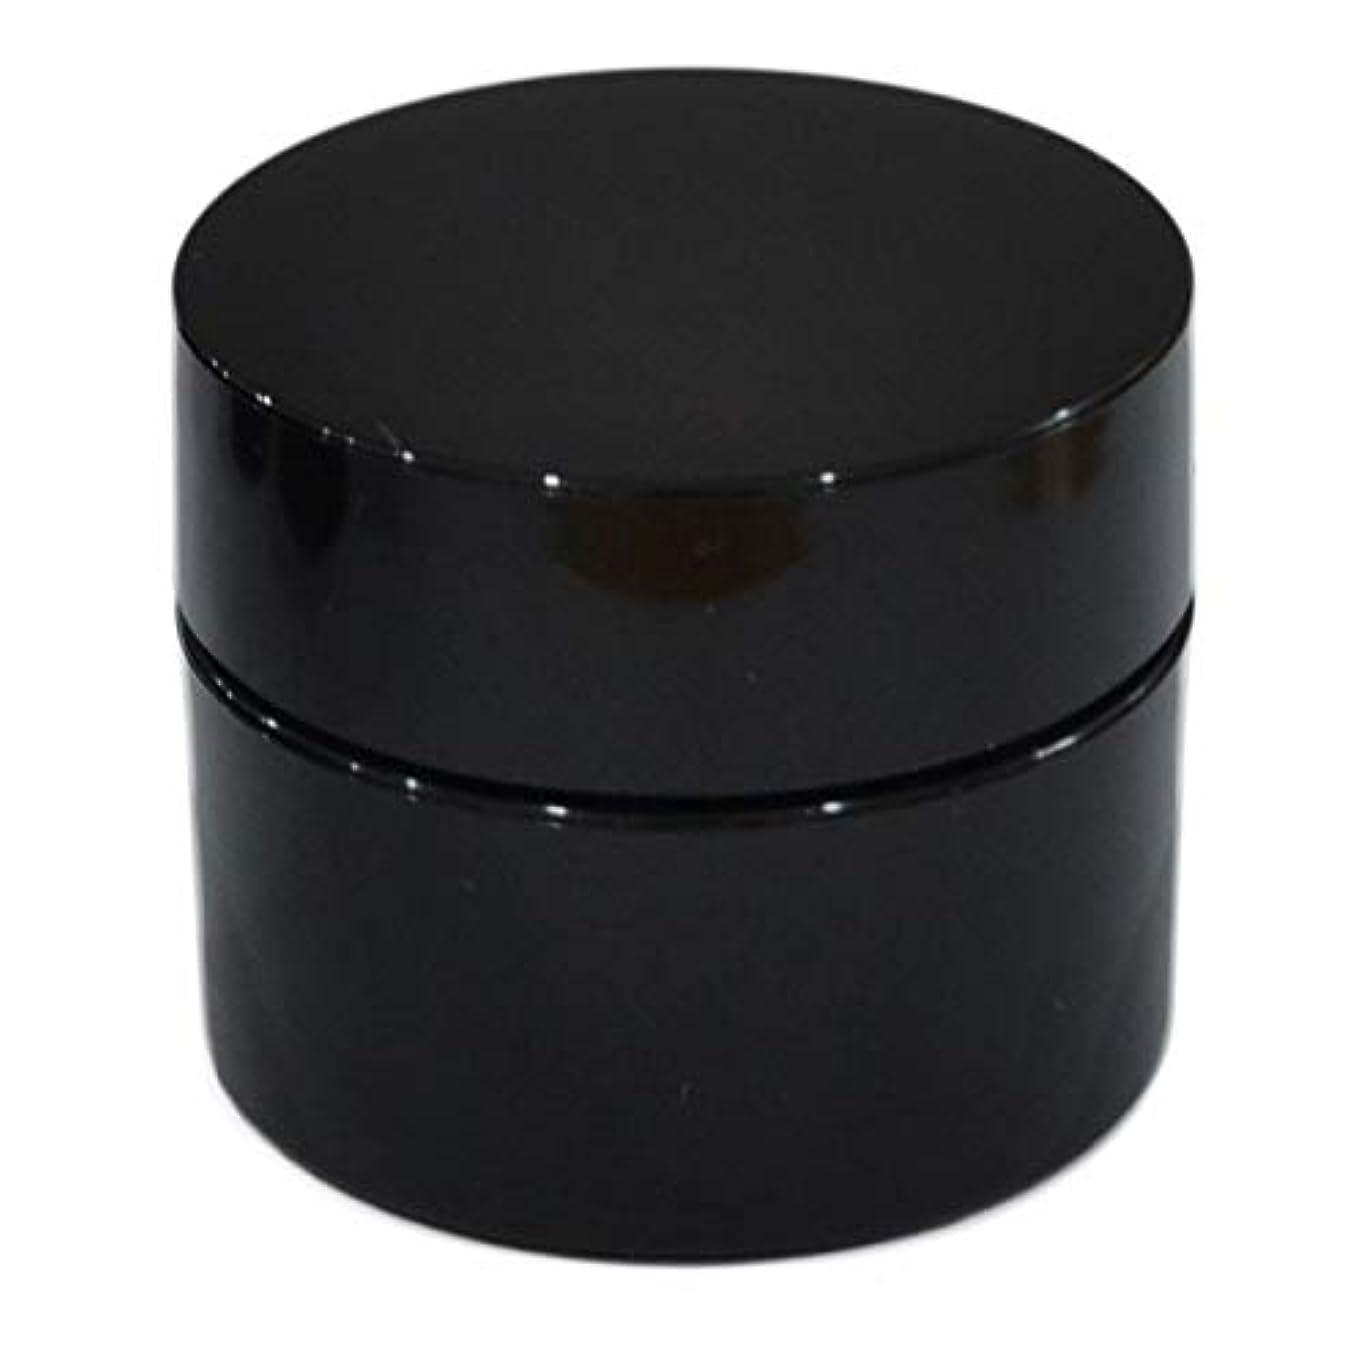 自然公園繁雑登場純国産ネイルジェル用コンテナ 10g用GA10g 漏れ防止パッキン&ブラシプレート付容器 ジェルを無駄なく使える底面傾斜あり 遮光 黒 ブラック